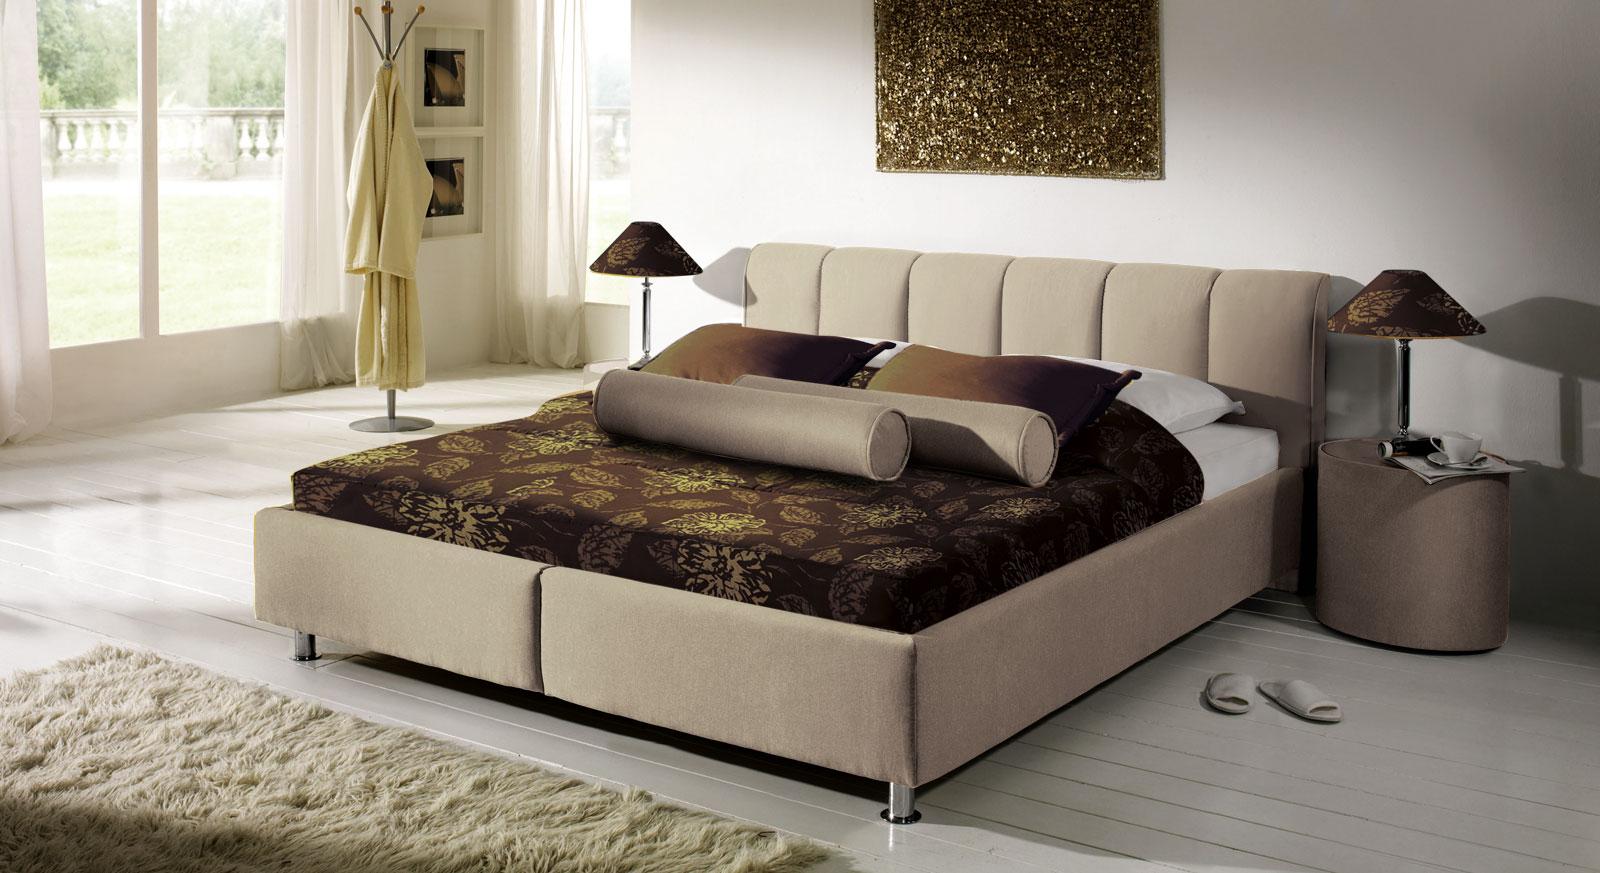 Wo Liegen Die Unterschiede Zwischen Polsterbetten Und Anderen Betten?